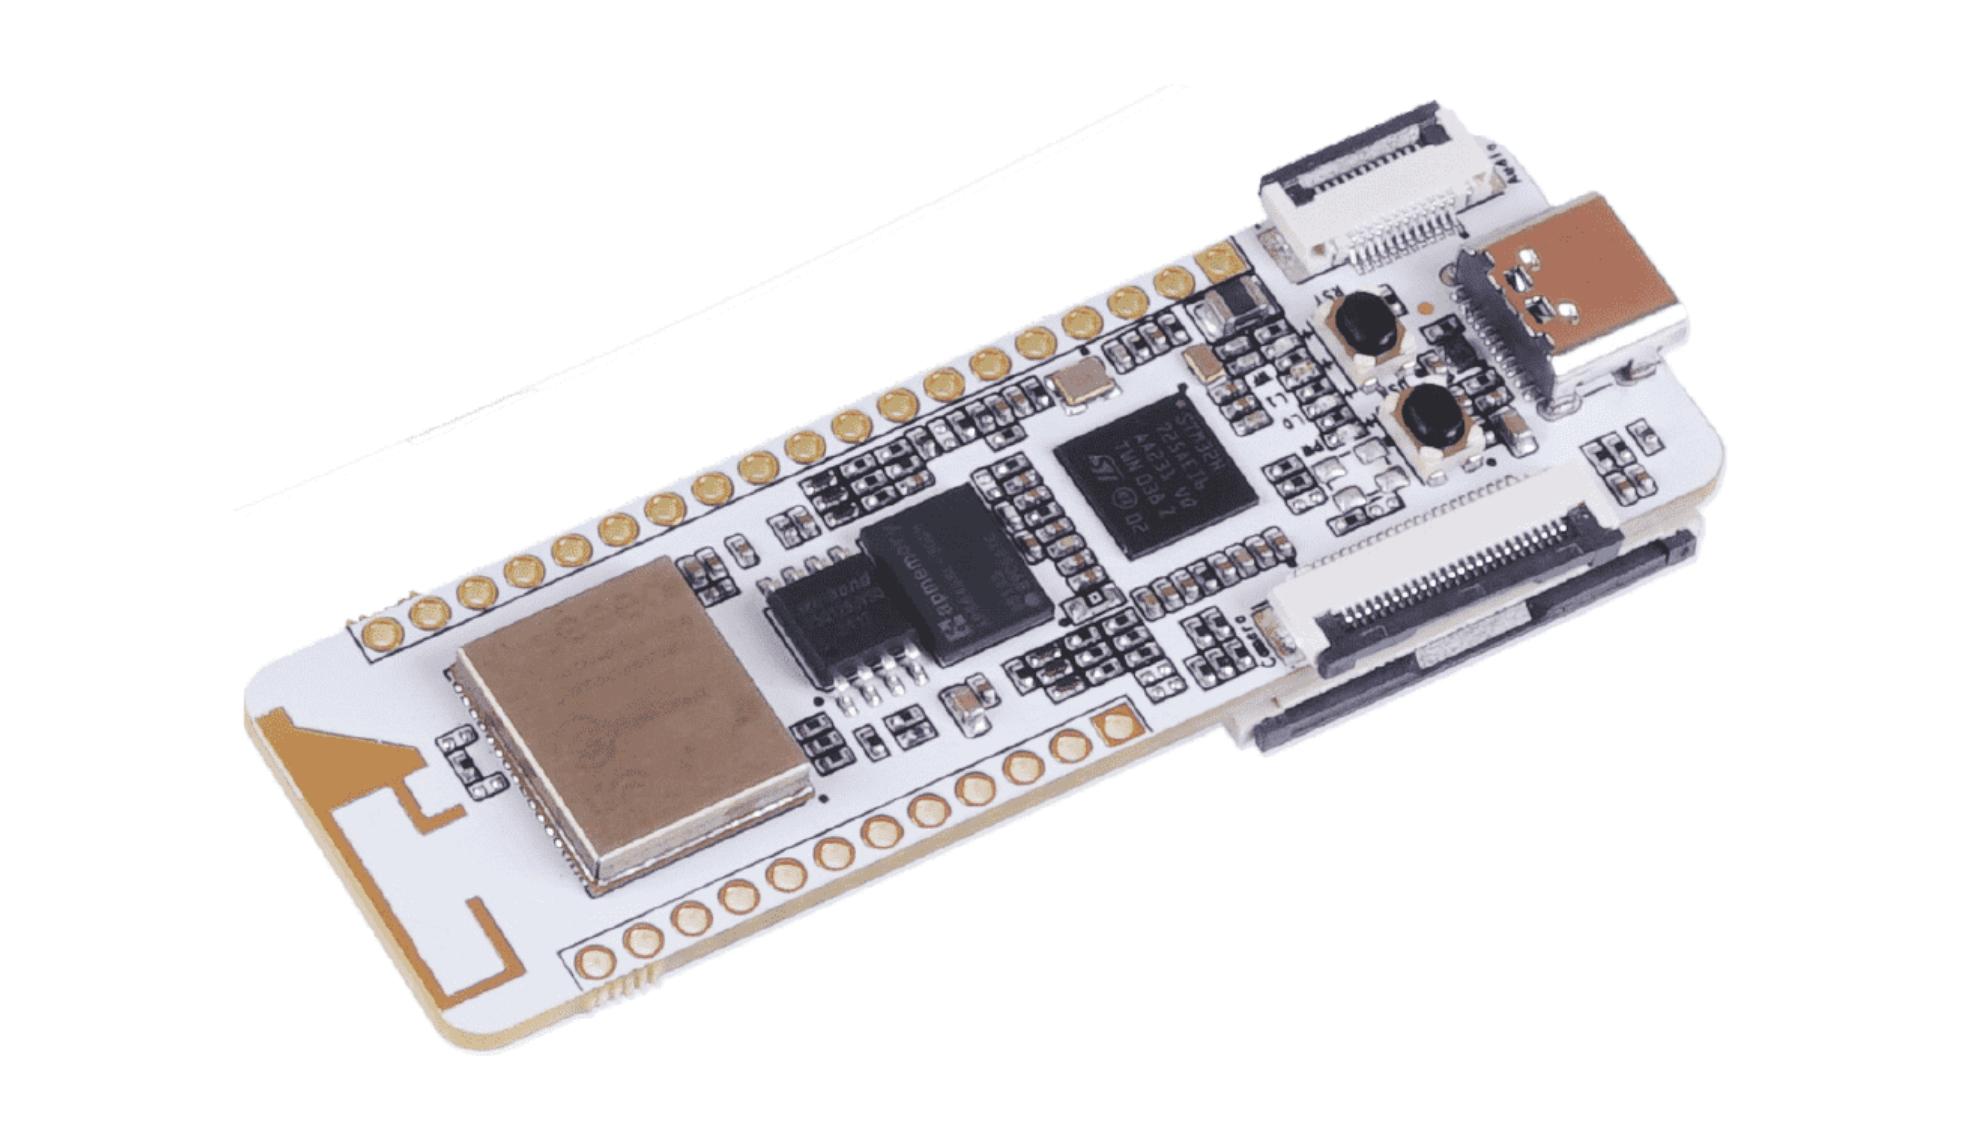 WIO Lite AI – an Stm32h725a Cortex-m7 Board for AI Vision Applications